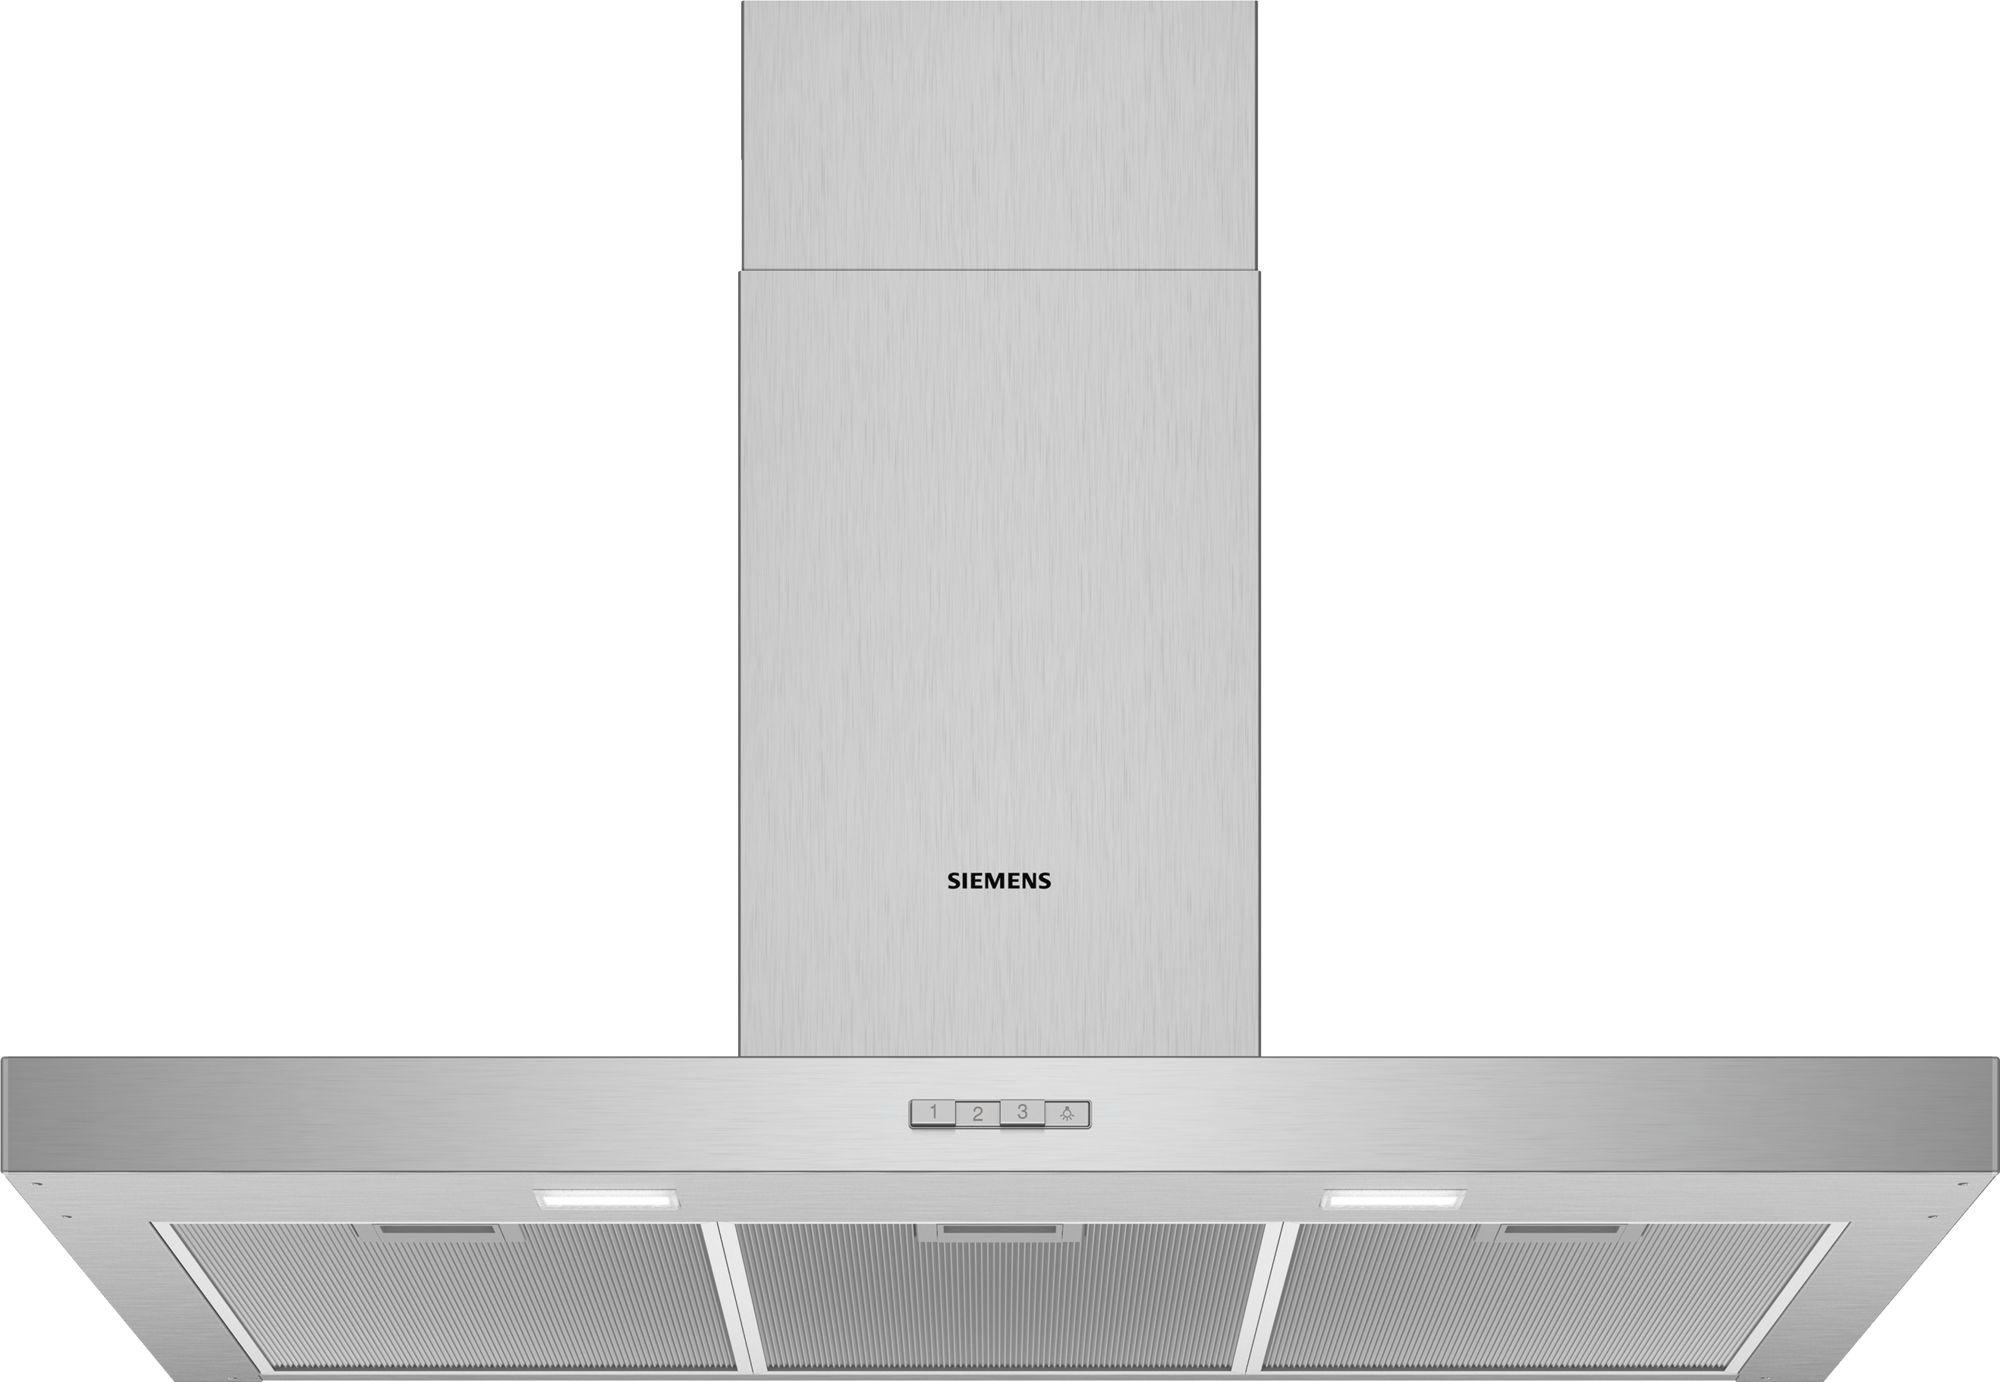 Siemens LC96BBC50 - Wandschouw afzuigkap